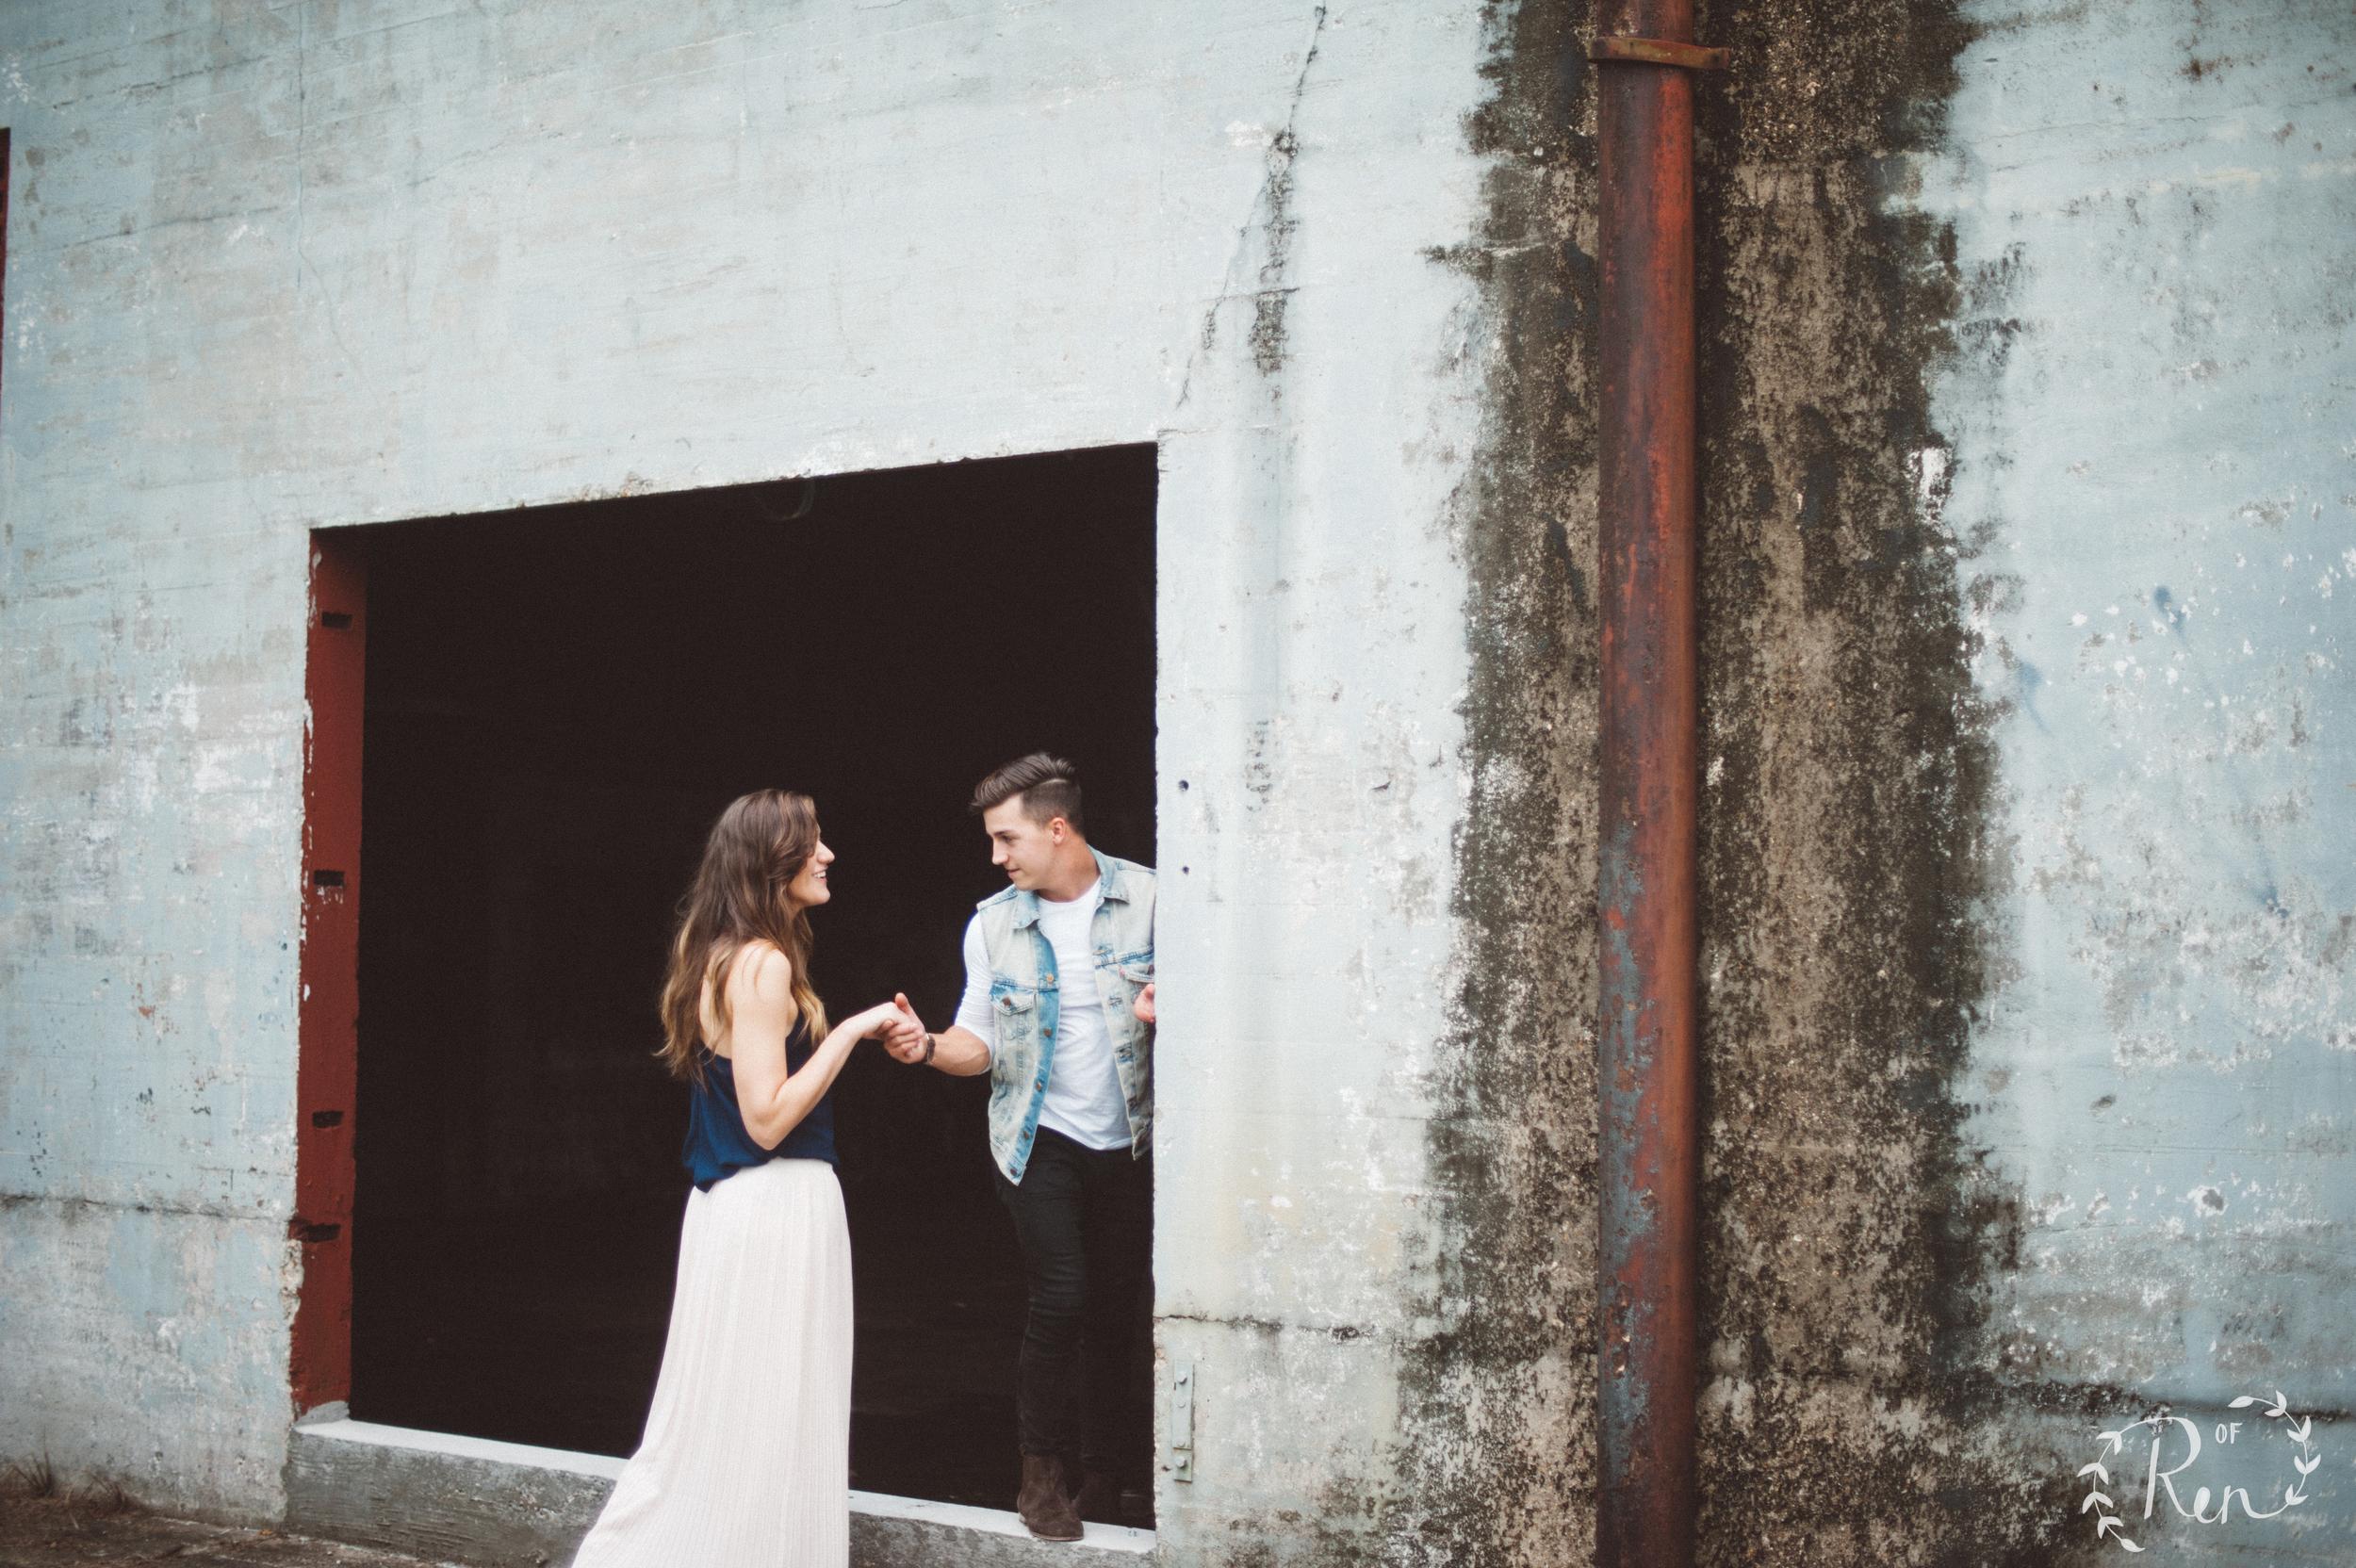 ofRen_EngagementPhotos_lensofren-6.jpg